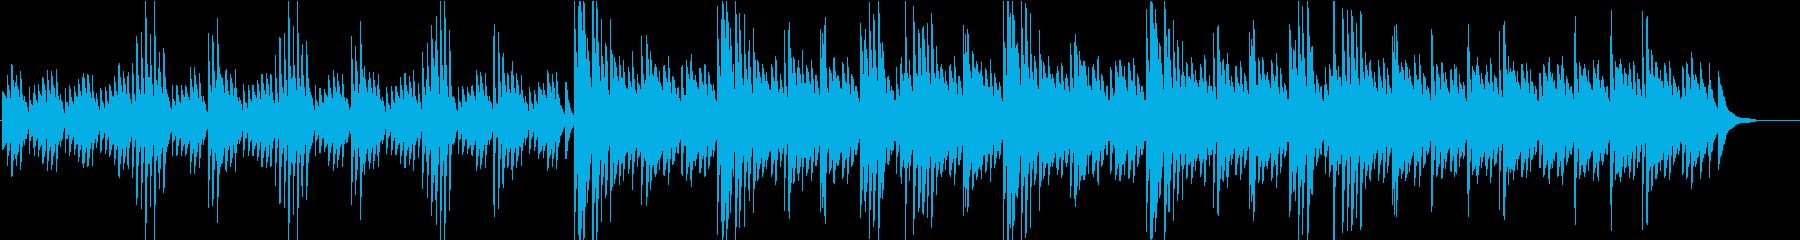 「澄んだ映像向き」ゆるやかなピアノの再生済みの波形